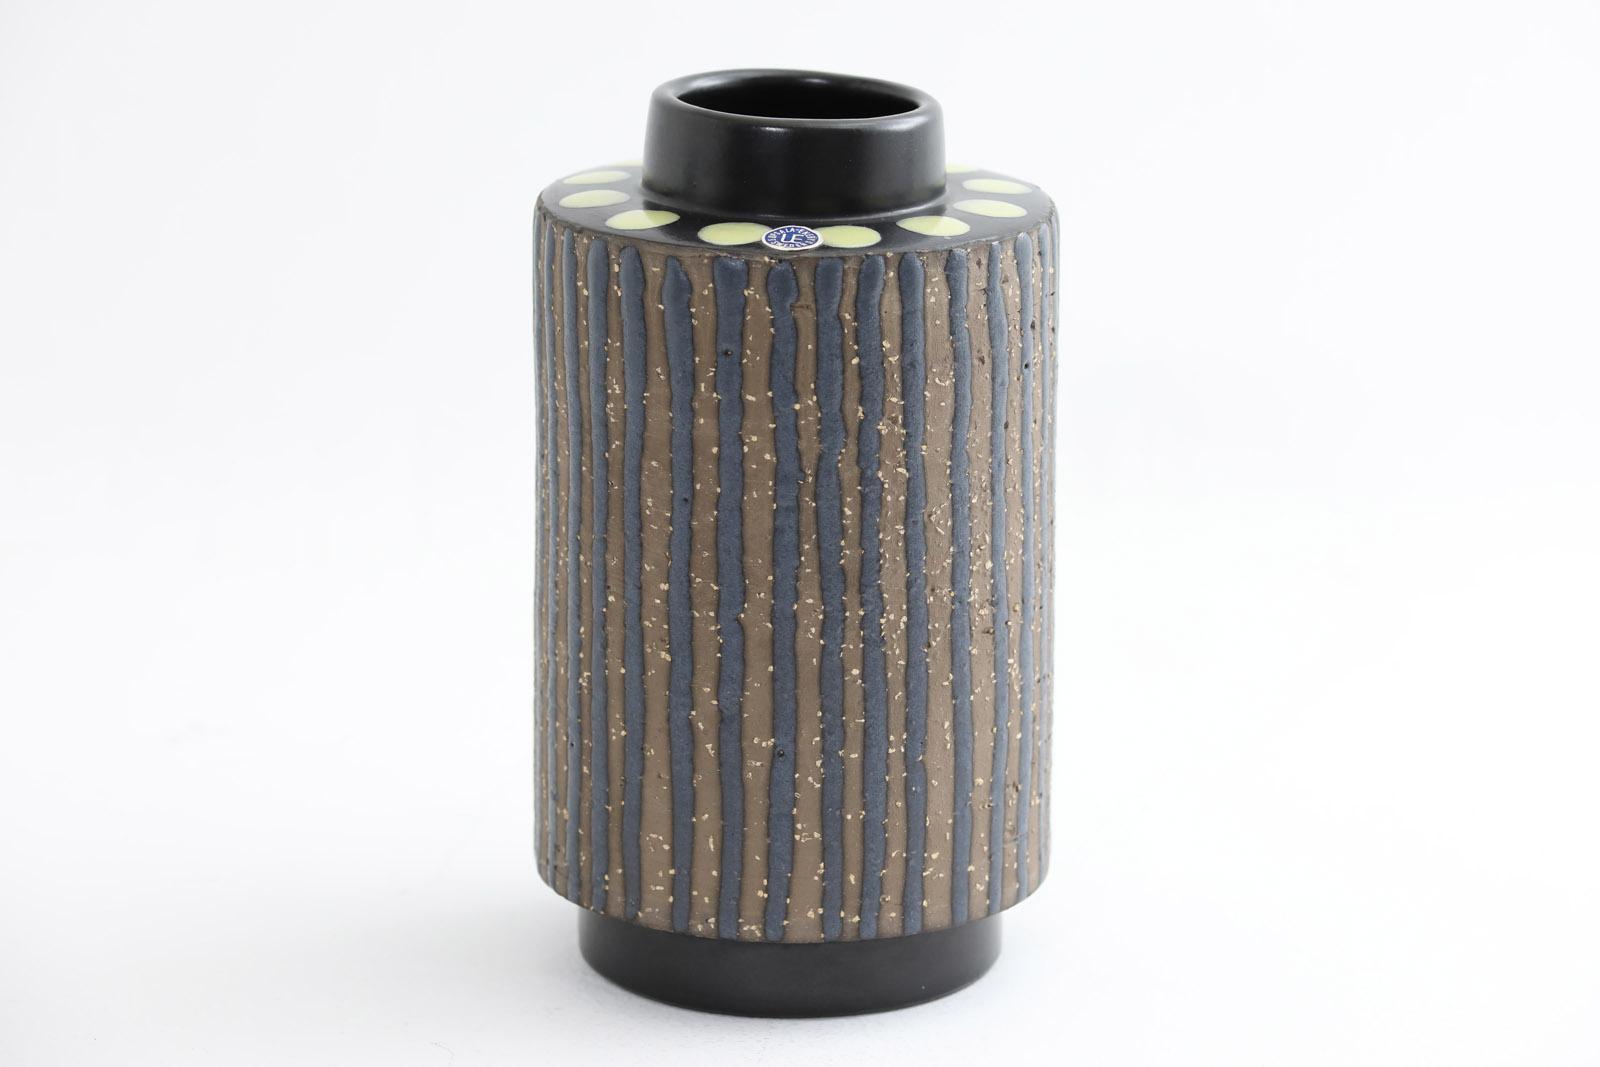 Mari Simmulson マリシムルソン フラワーベース【北欧雑貨 ビンテージ雑貨 アンティーク品 スウェーデン製 一輪挿し 花瓶】